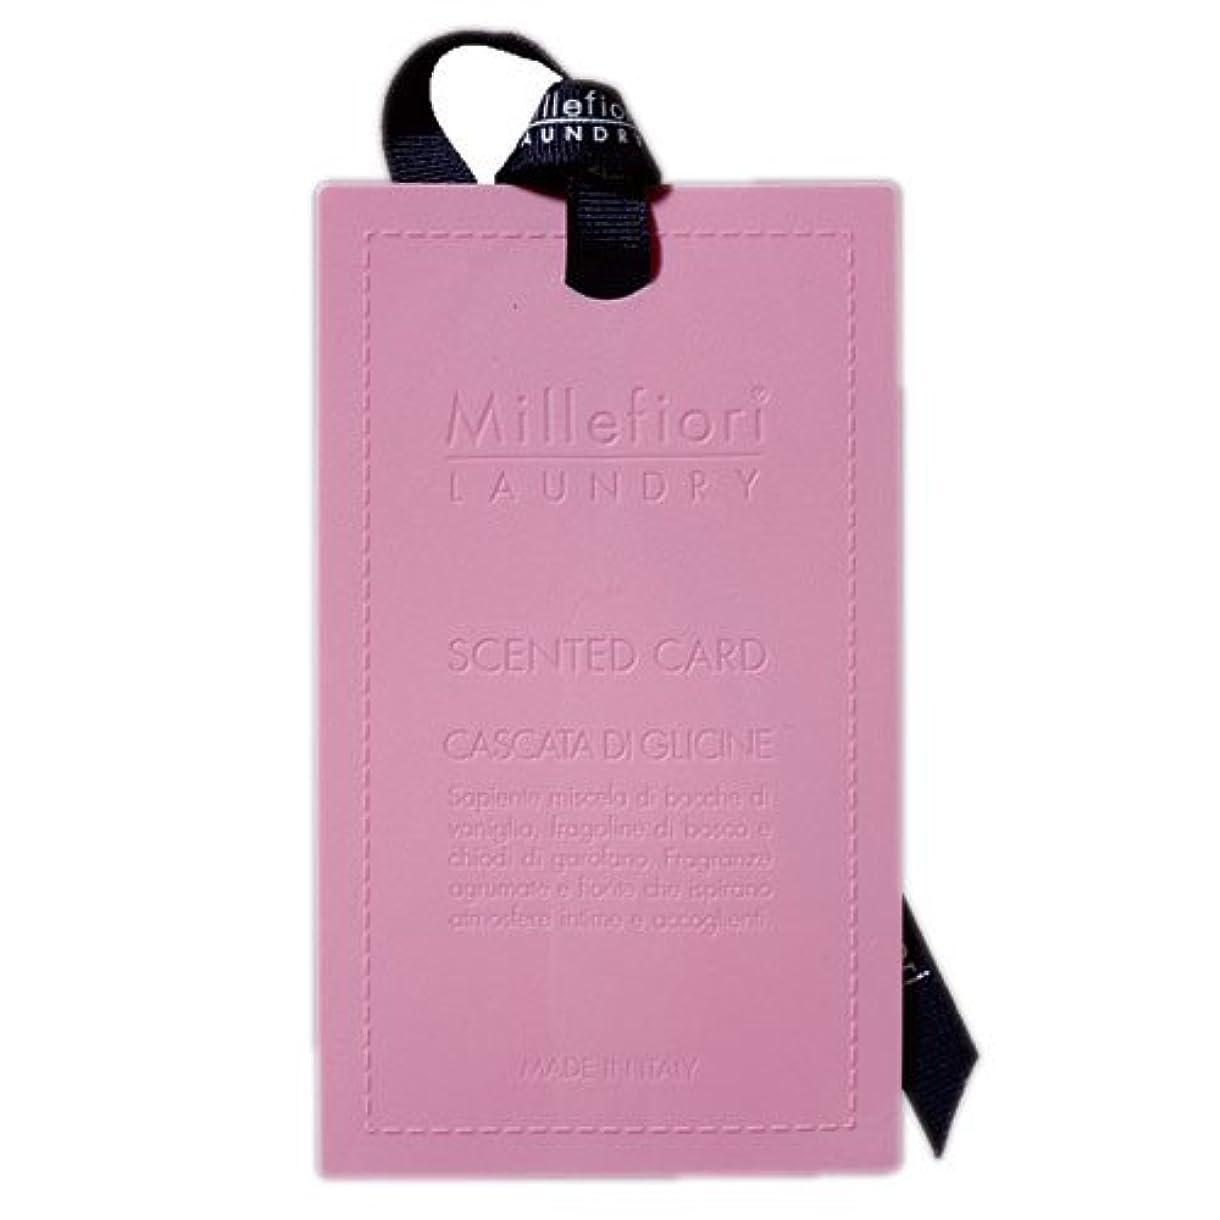 レキシコン悪因子反応するMillefiori センテッドカード ウィステリア CARD-A-003